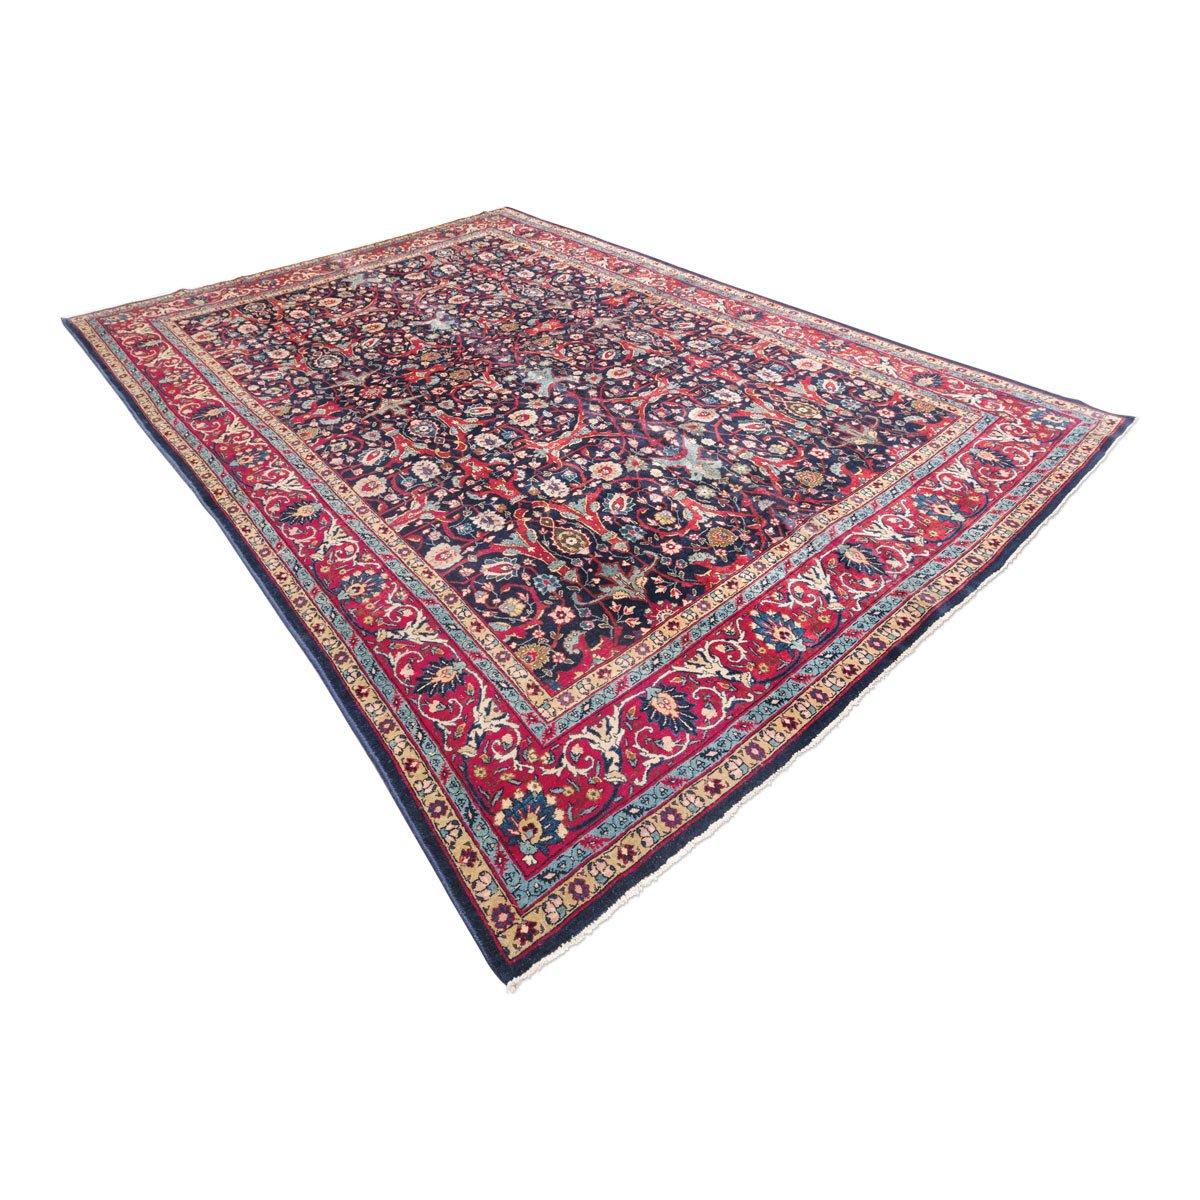 antiker persischer tabriz teppich mit klassischem garrus design 1920er bei pamono kaufen. Black Bedroom Furniture Sets. Home Design Ideas